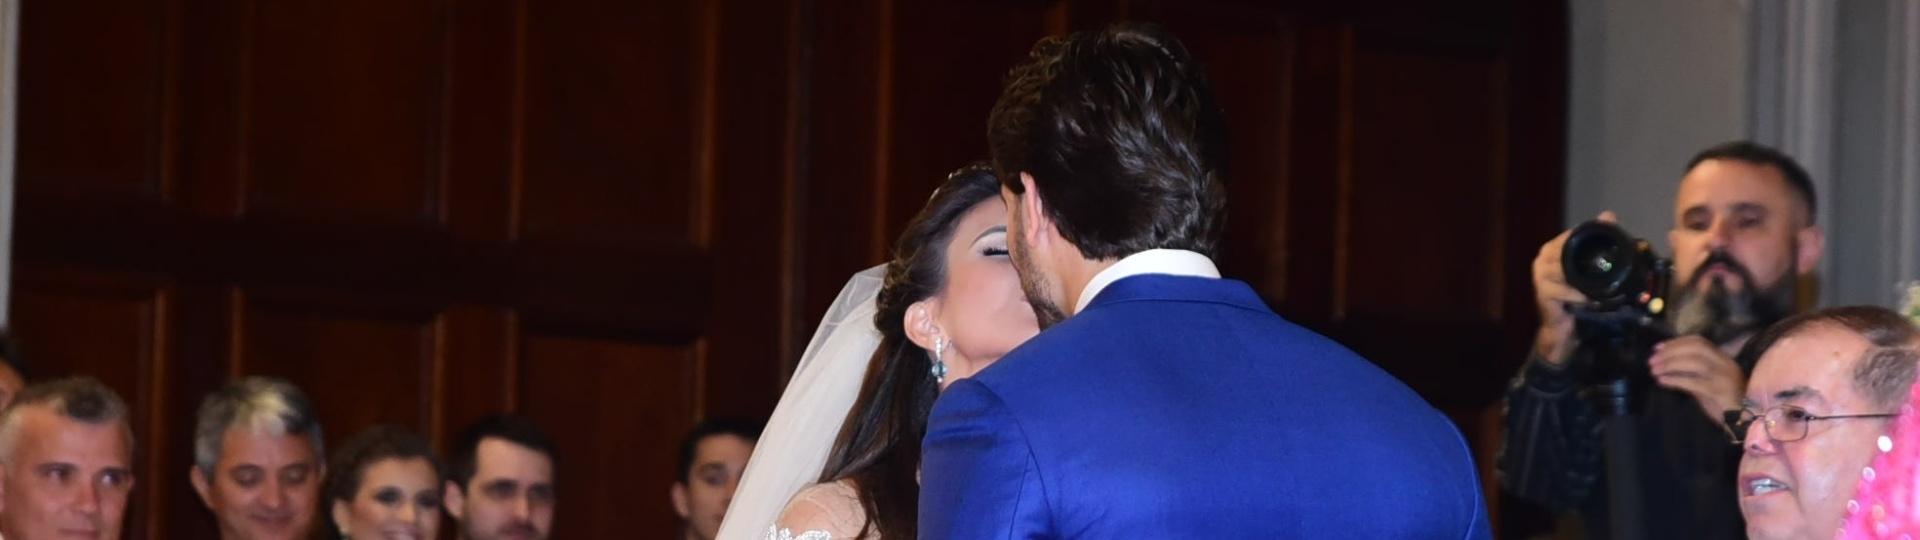 4.set.2016 - Os noivos Kamilla e Eliéser trocam beijo depois de se casarem em cerimônia religiosa em SP. Os ex-BBBs se conheceram na 13ª edição do reality show e já estão casados no civil desde 16 de julho